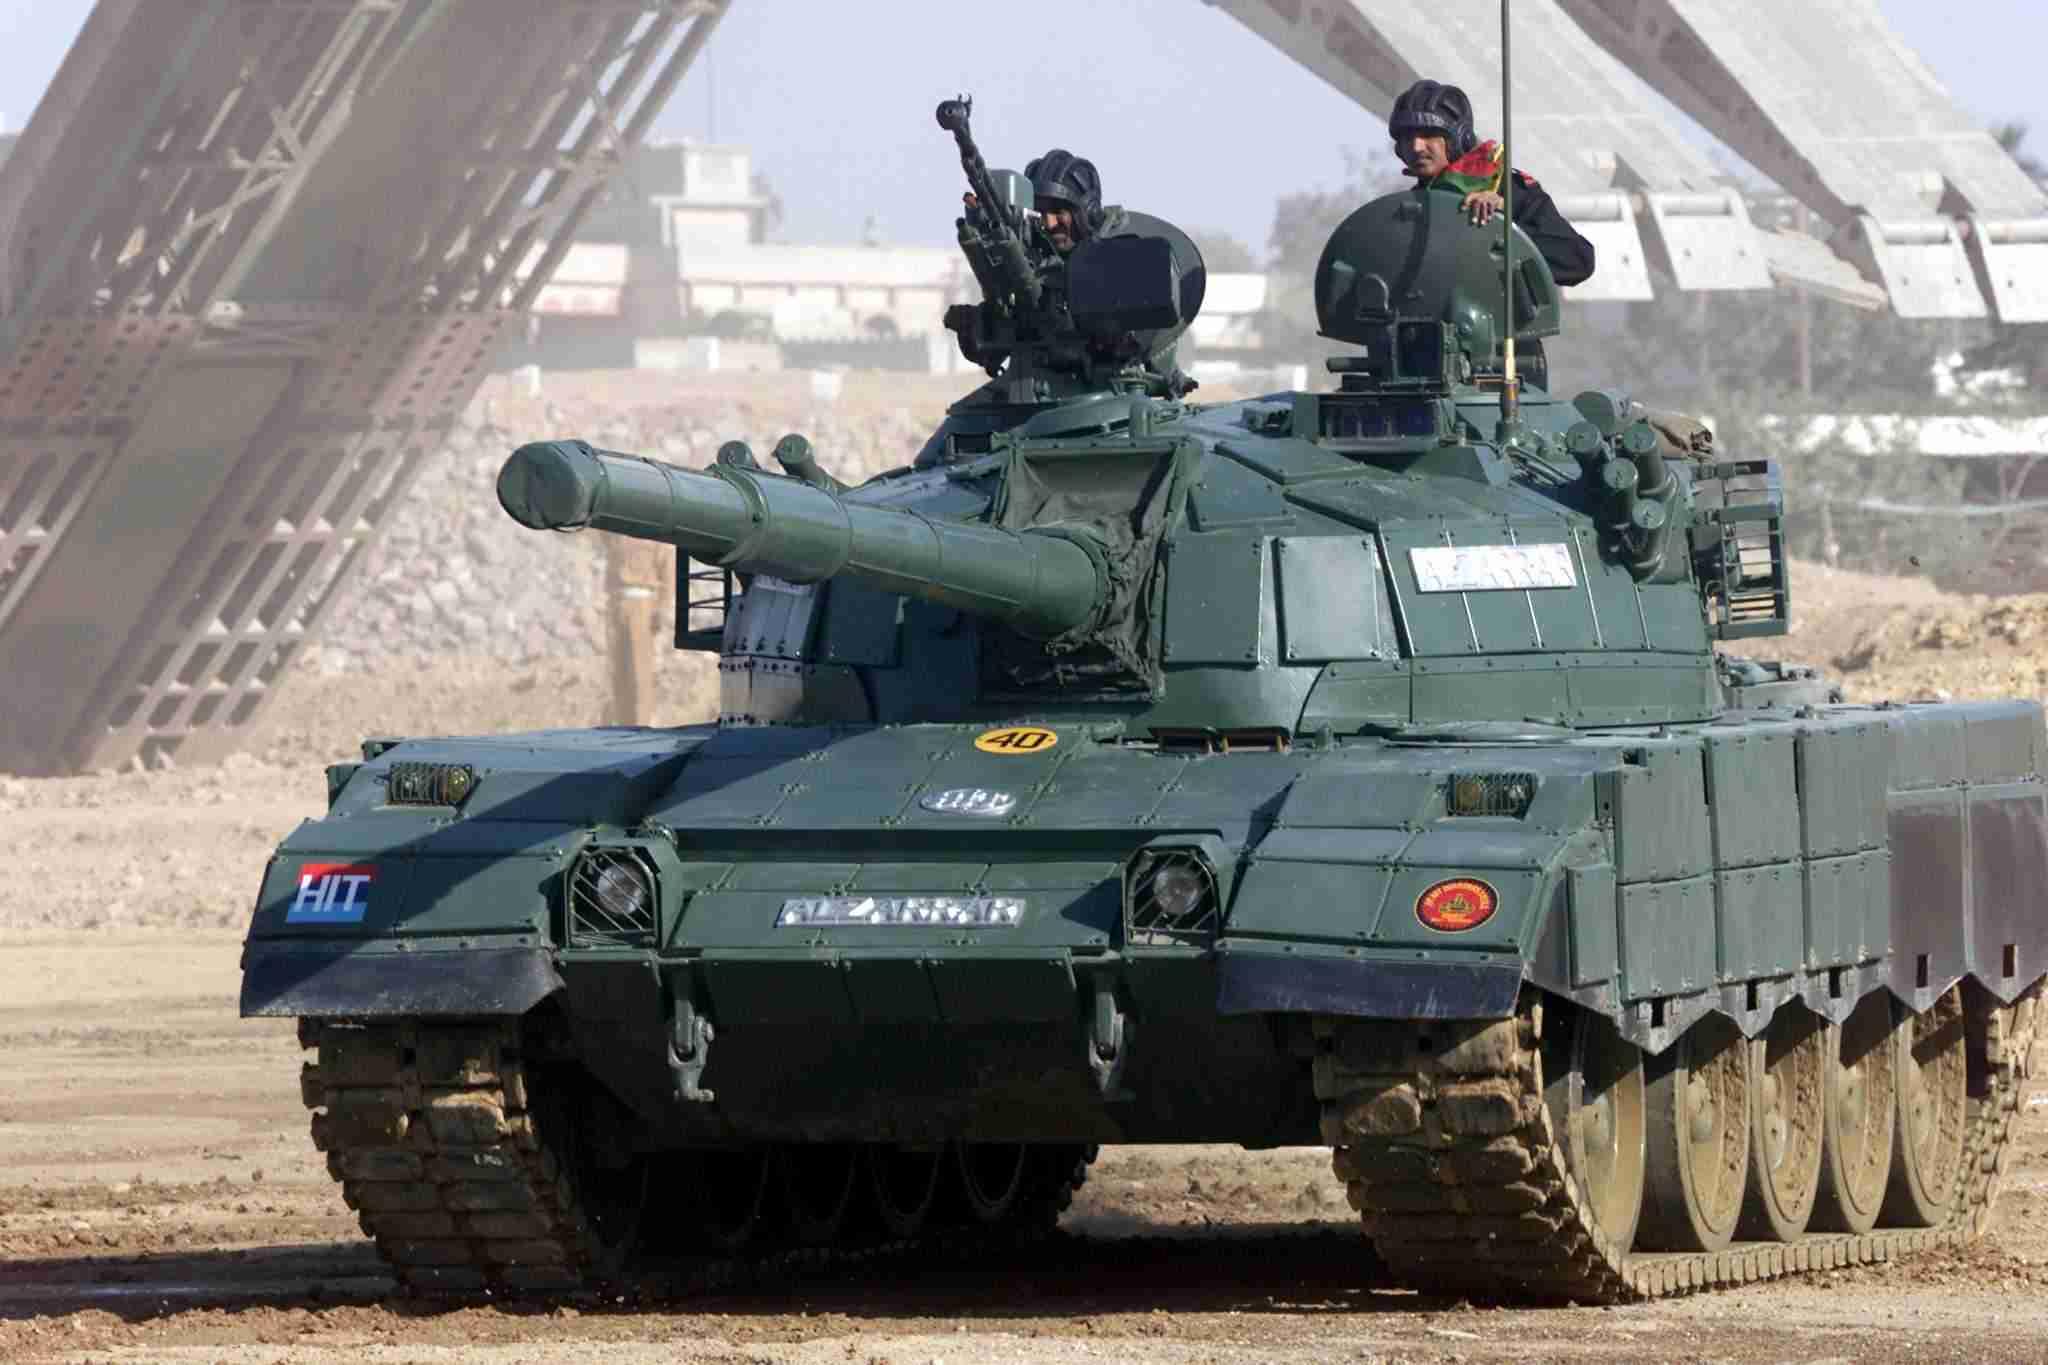 القوات البرية العربية الجزء الأول : الدبابات (2) (شــــــــــــــــــــــــــــــــــــــــــــــــامل) Alzarrar